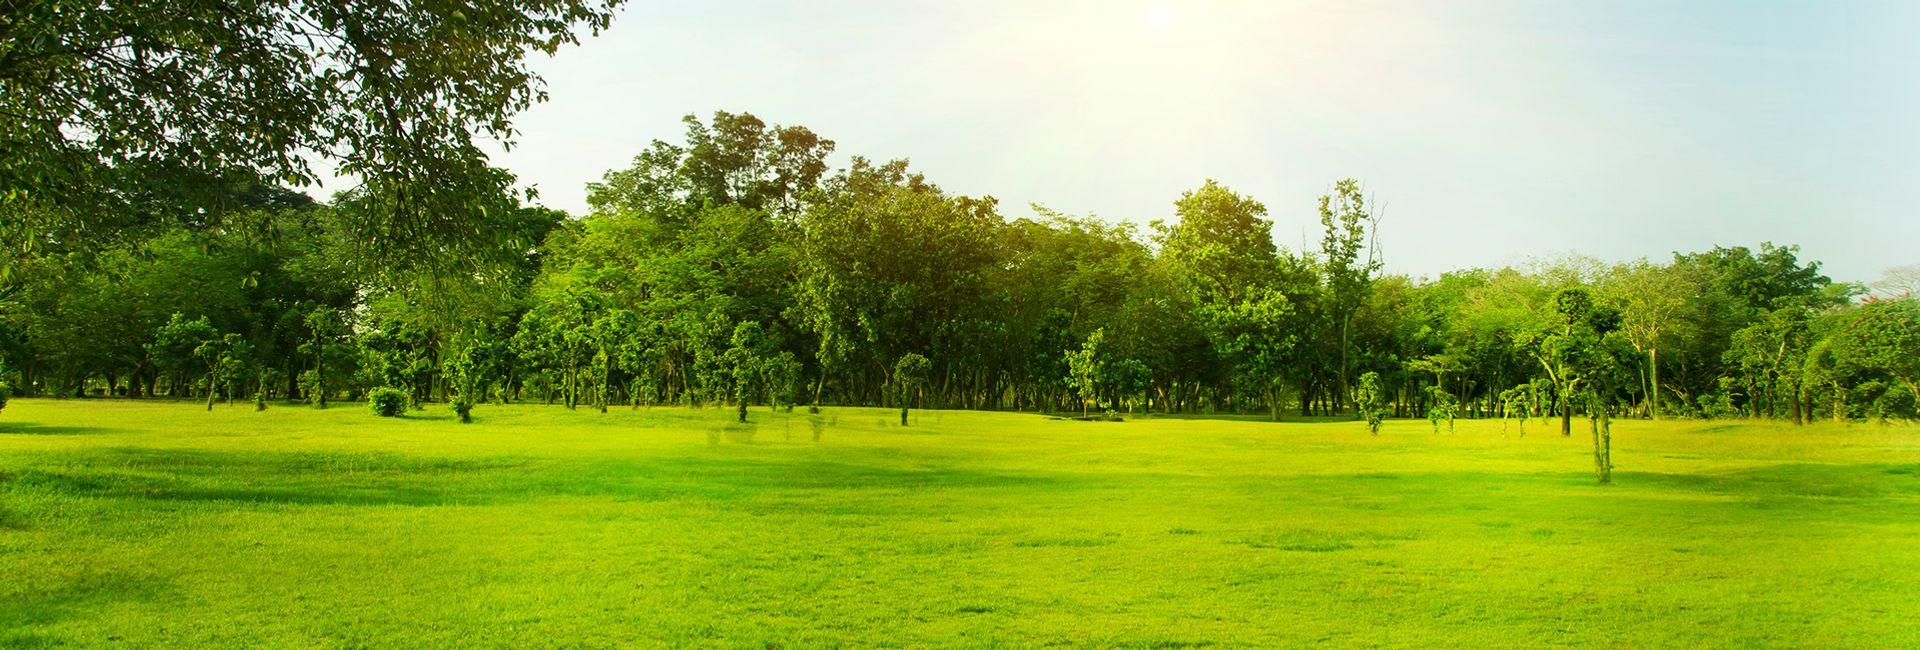 Hướng dẫn du lịch Thảo nguyên xanh Văn Thánh, Sài Gòn